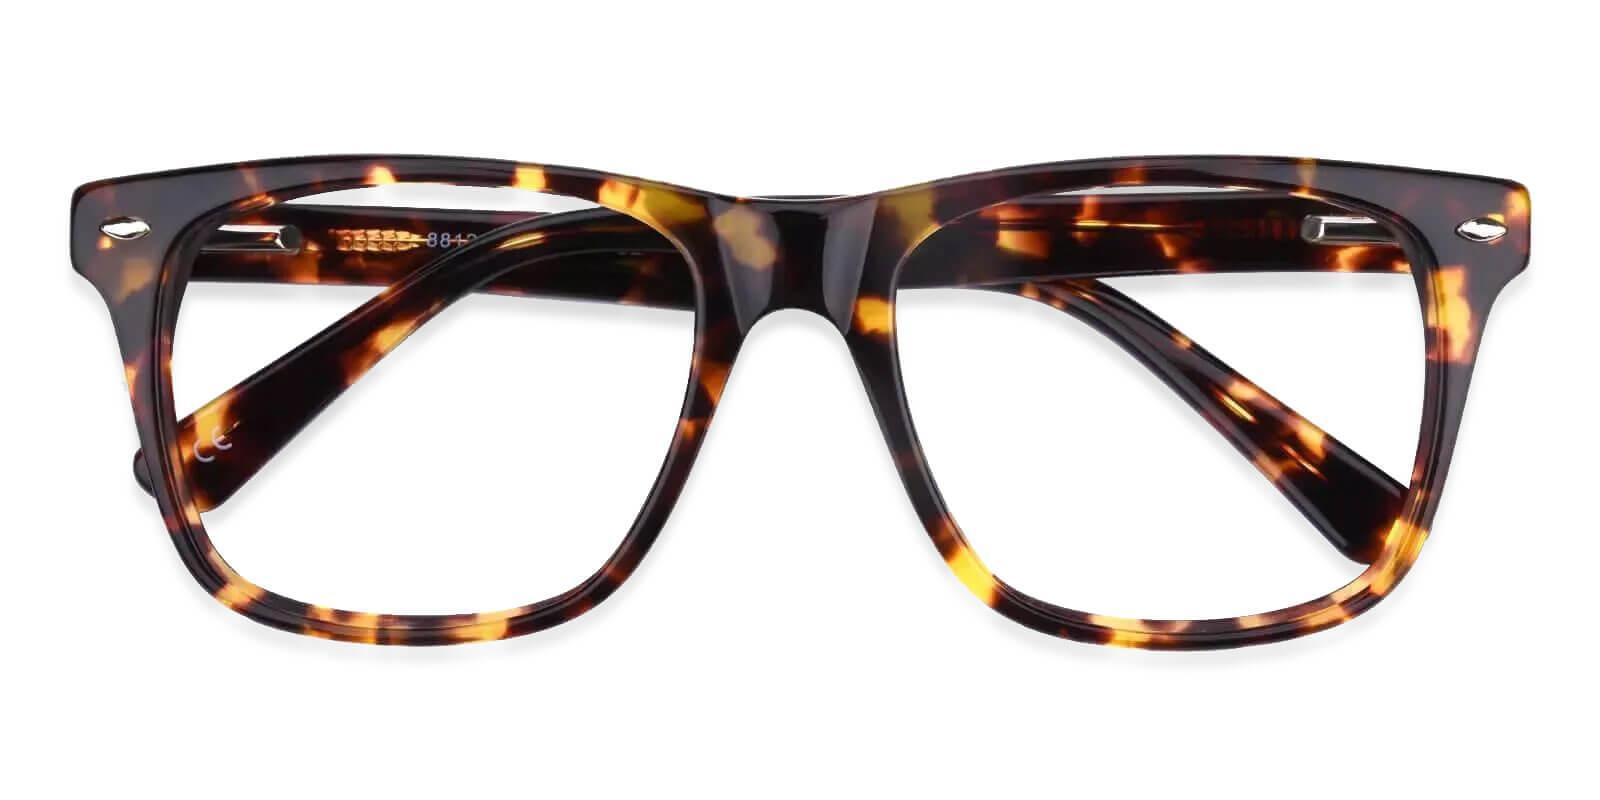 Montalvo Tortoise Acetate Eyeglasses , SpringHinges , UniversalBridgeFit Frames from ABBE Glasses